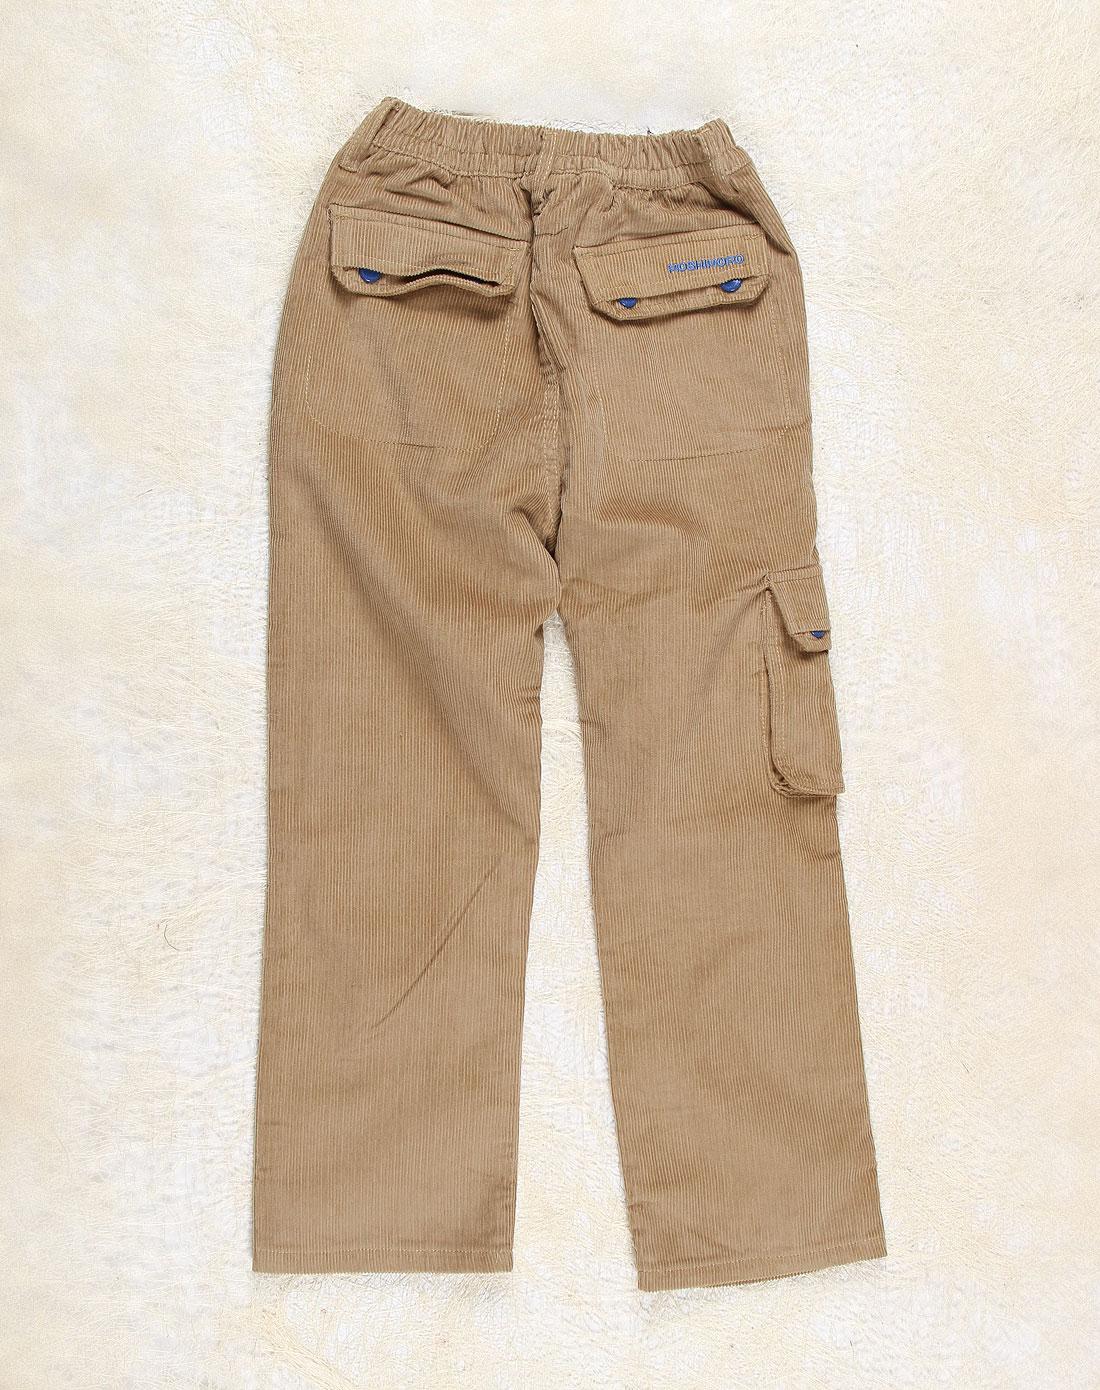 麻希玛柔moshimoro男女童混合专场-男童深卡其色时尚梭织加里长裤